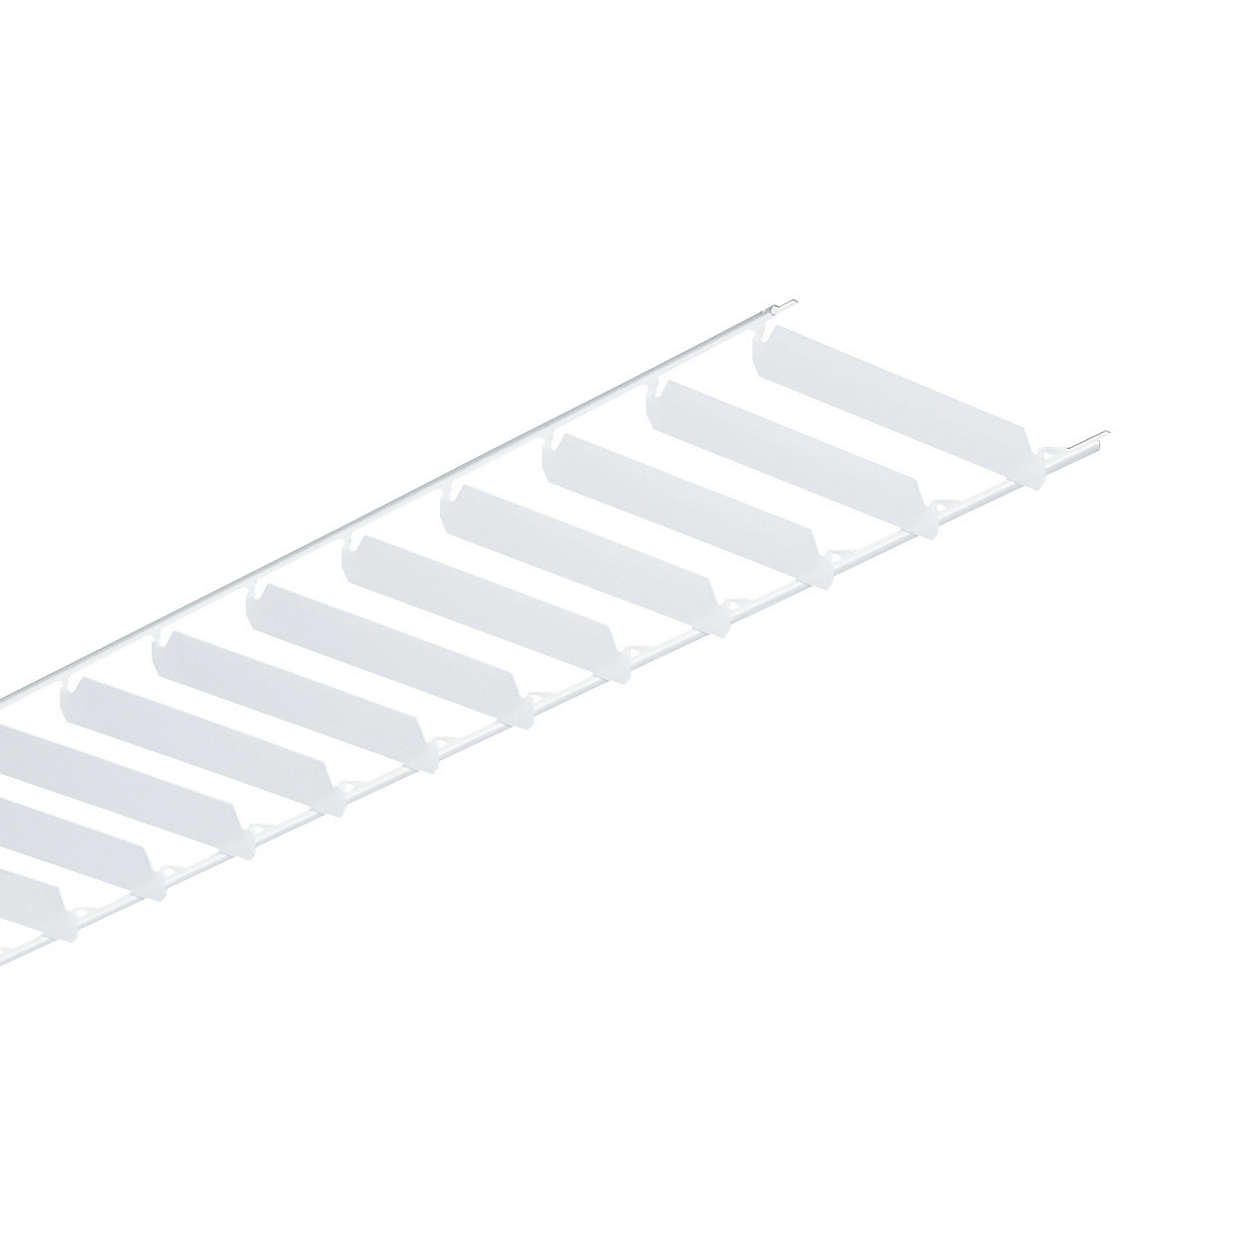 4MX014 reflector units IP54